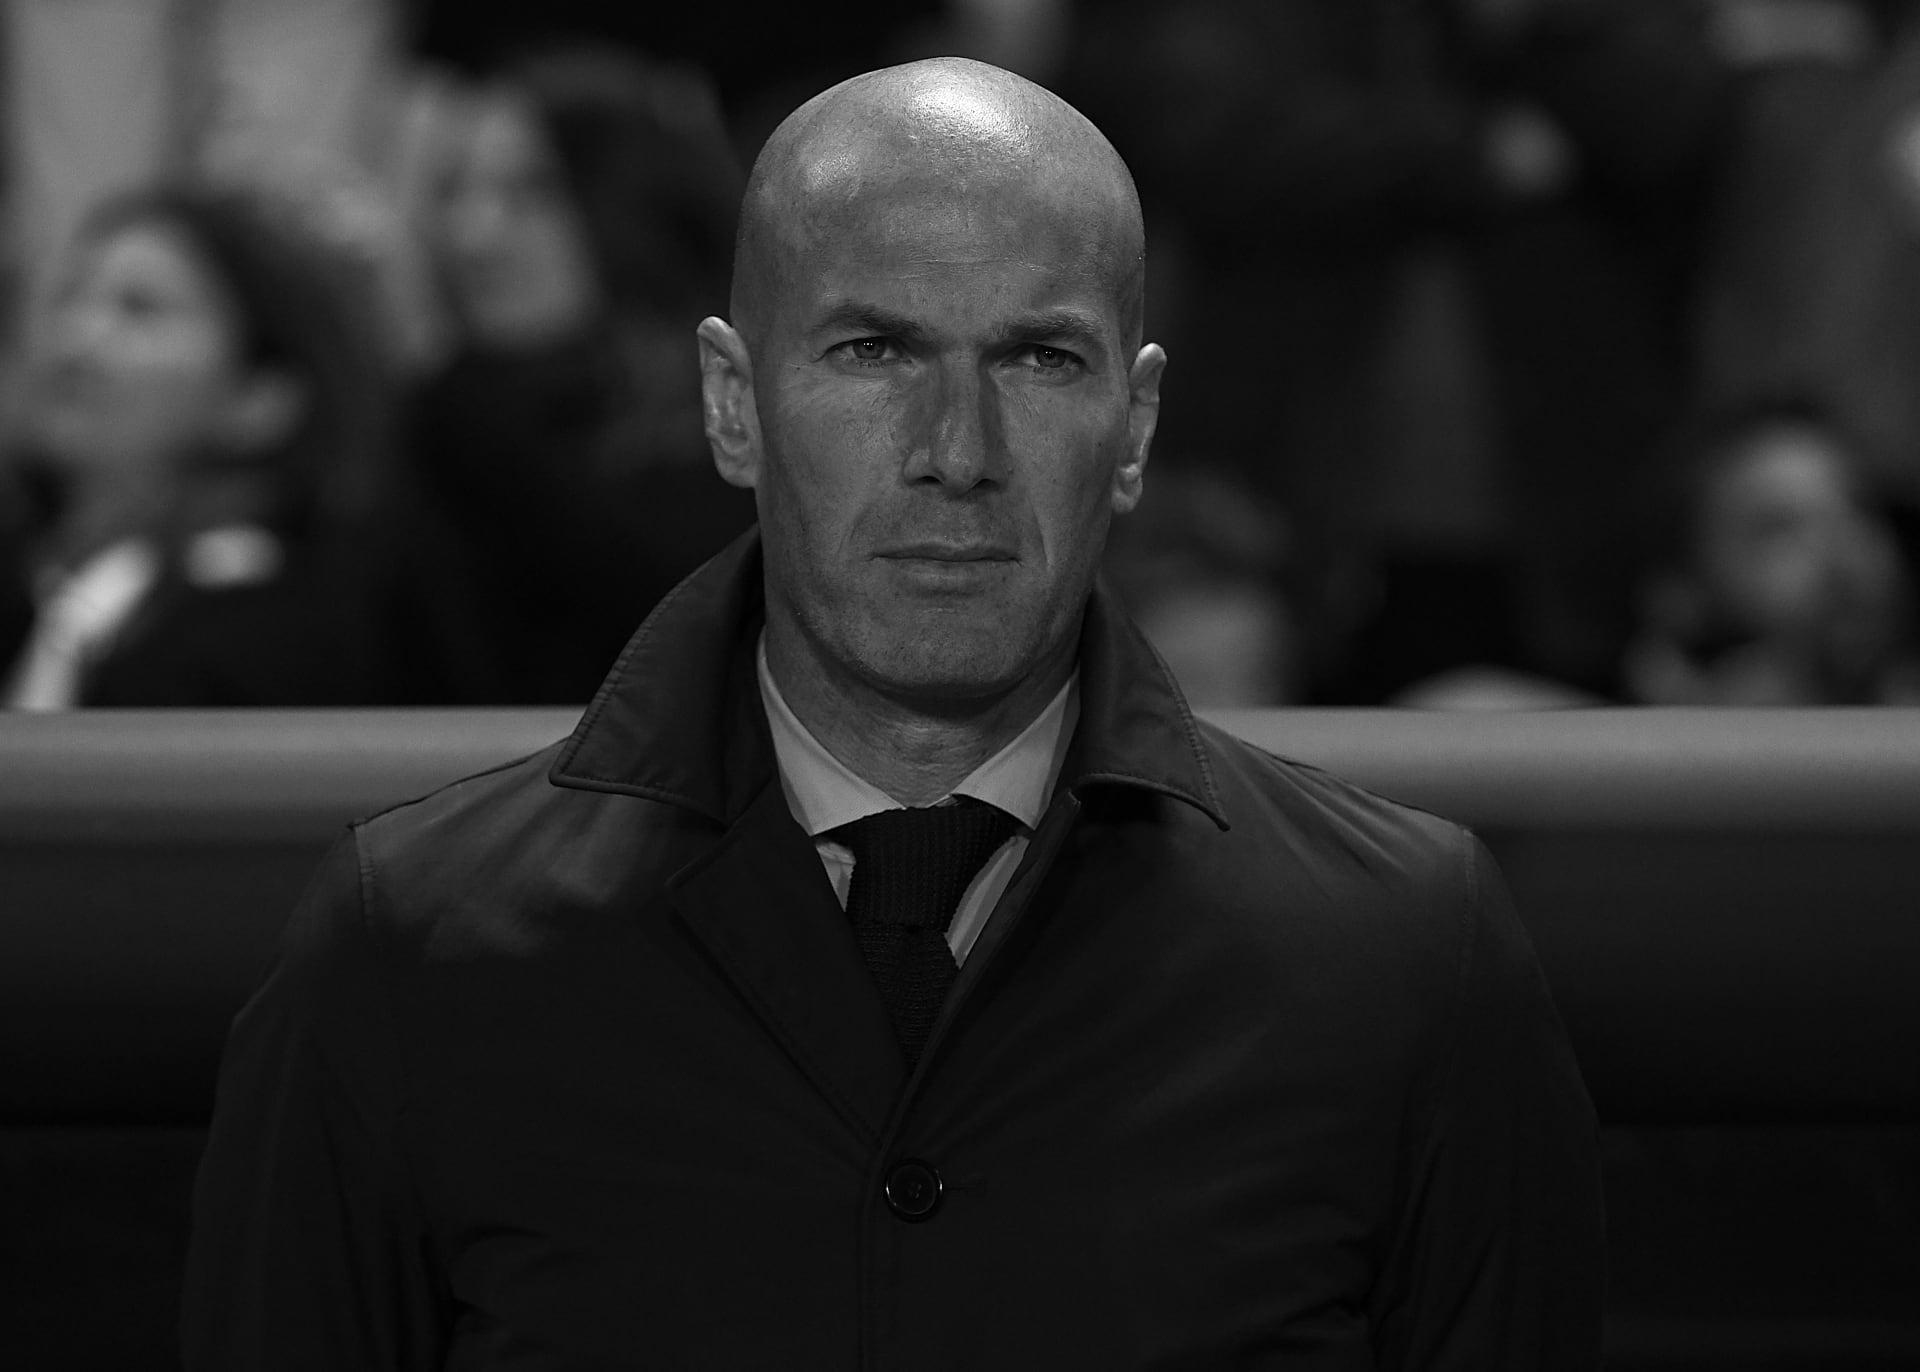 رأي: كيف تحول زيدان من بطل في ريال مدريد إلى متهم؟